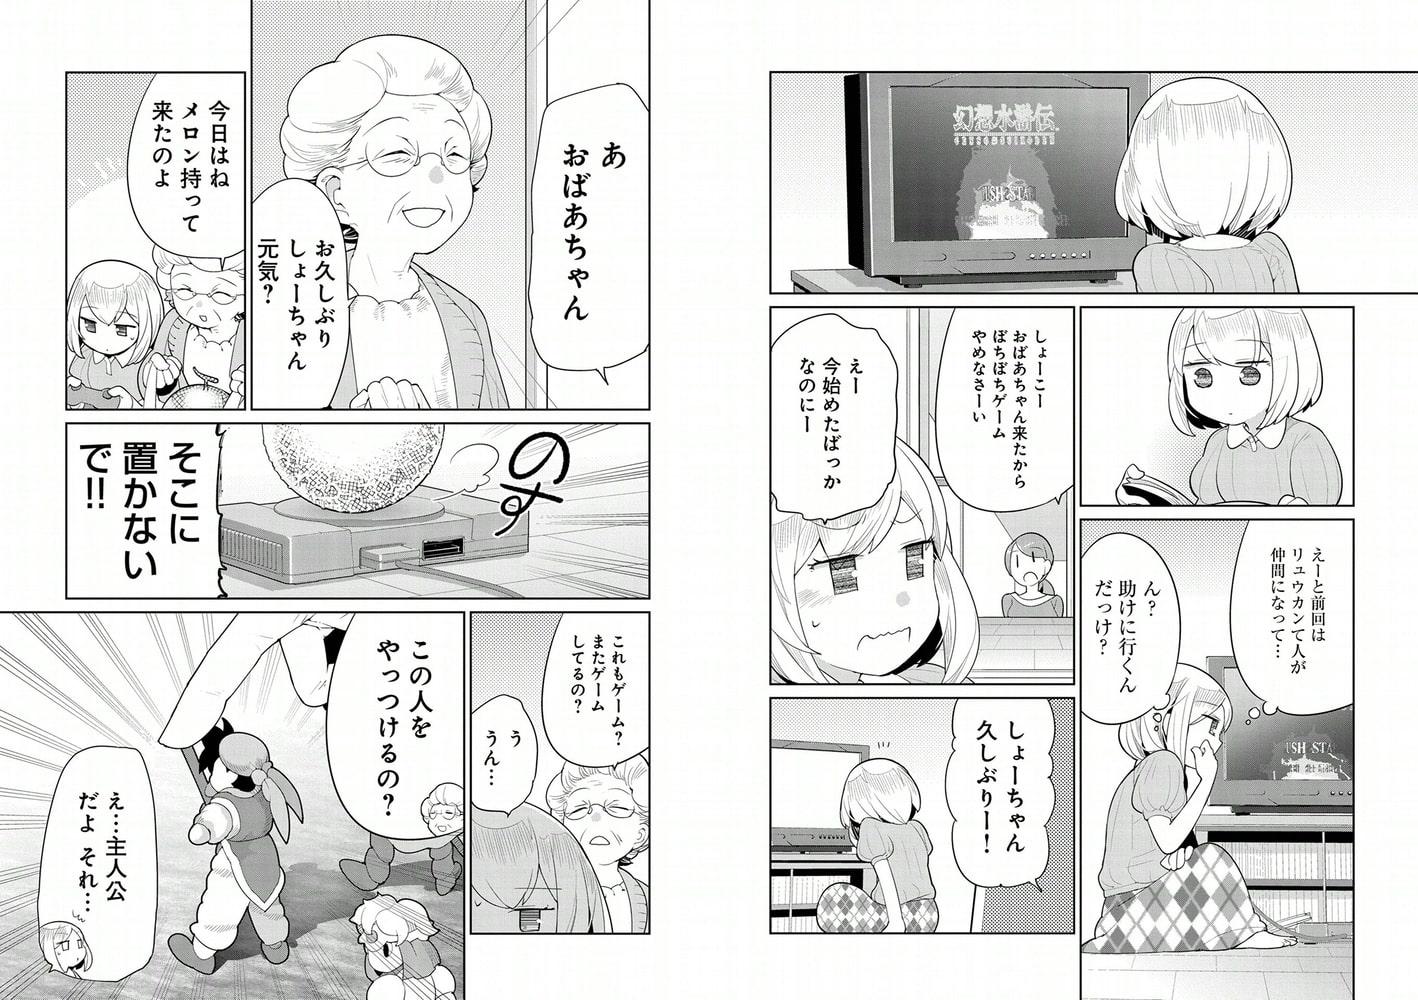 おばあちゃんとゲーム 1 サンプル画像